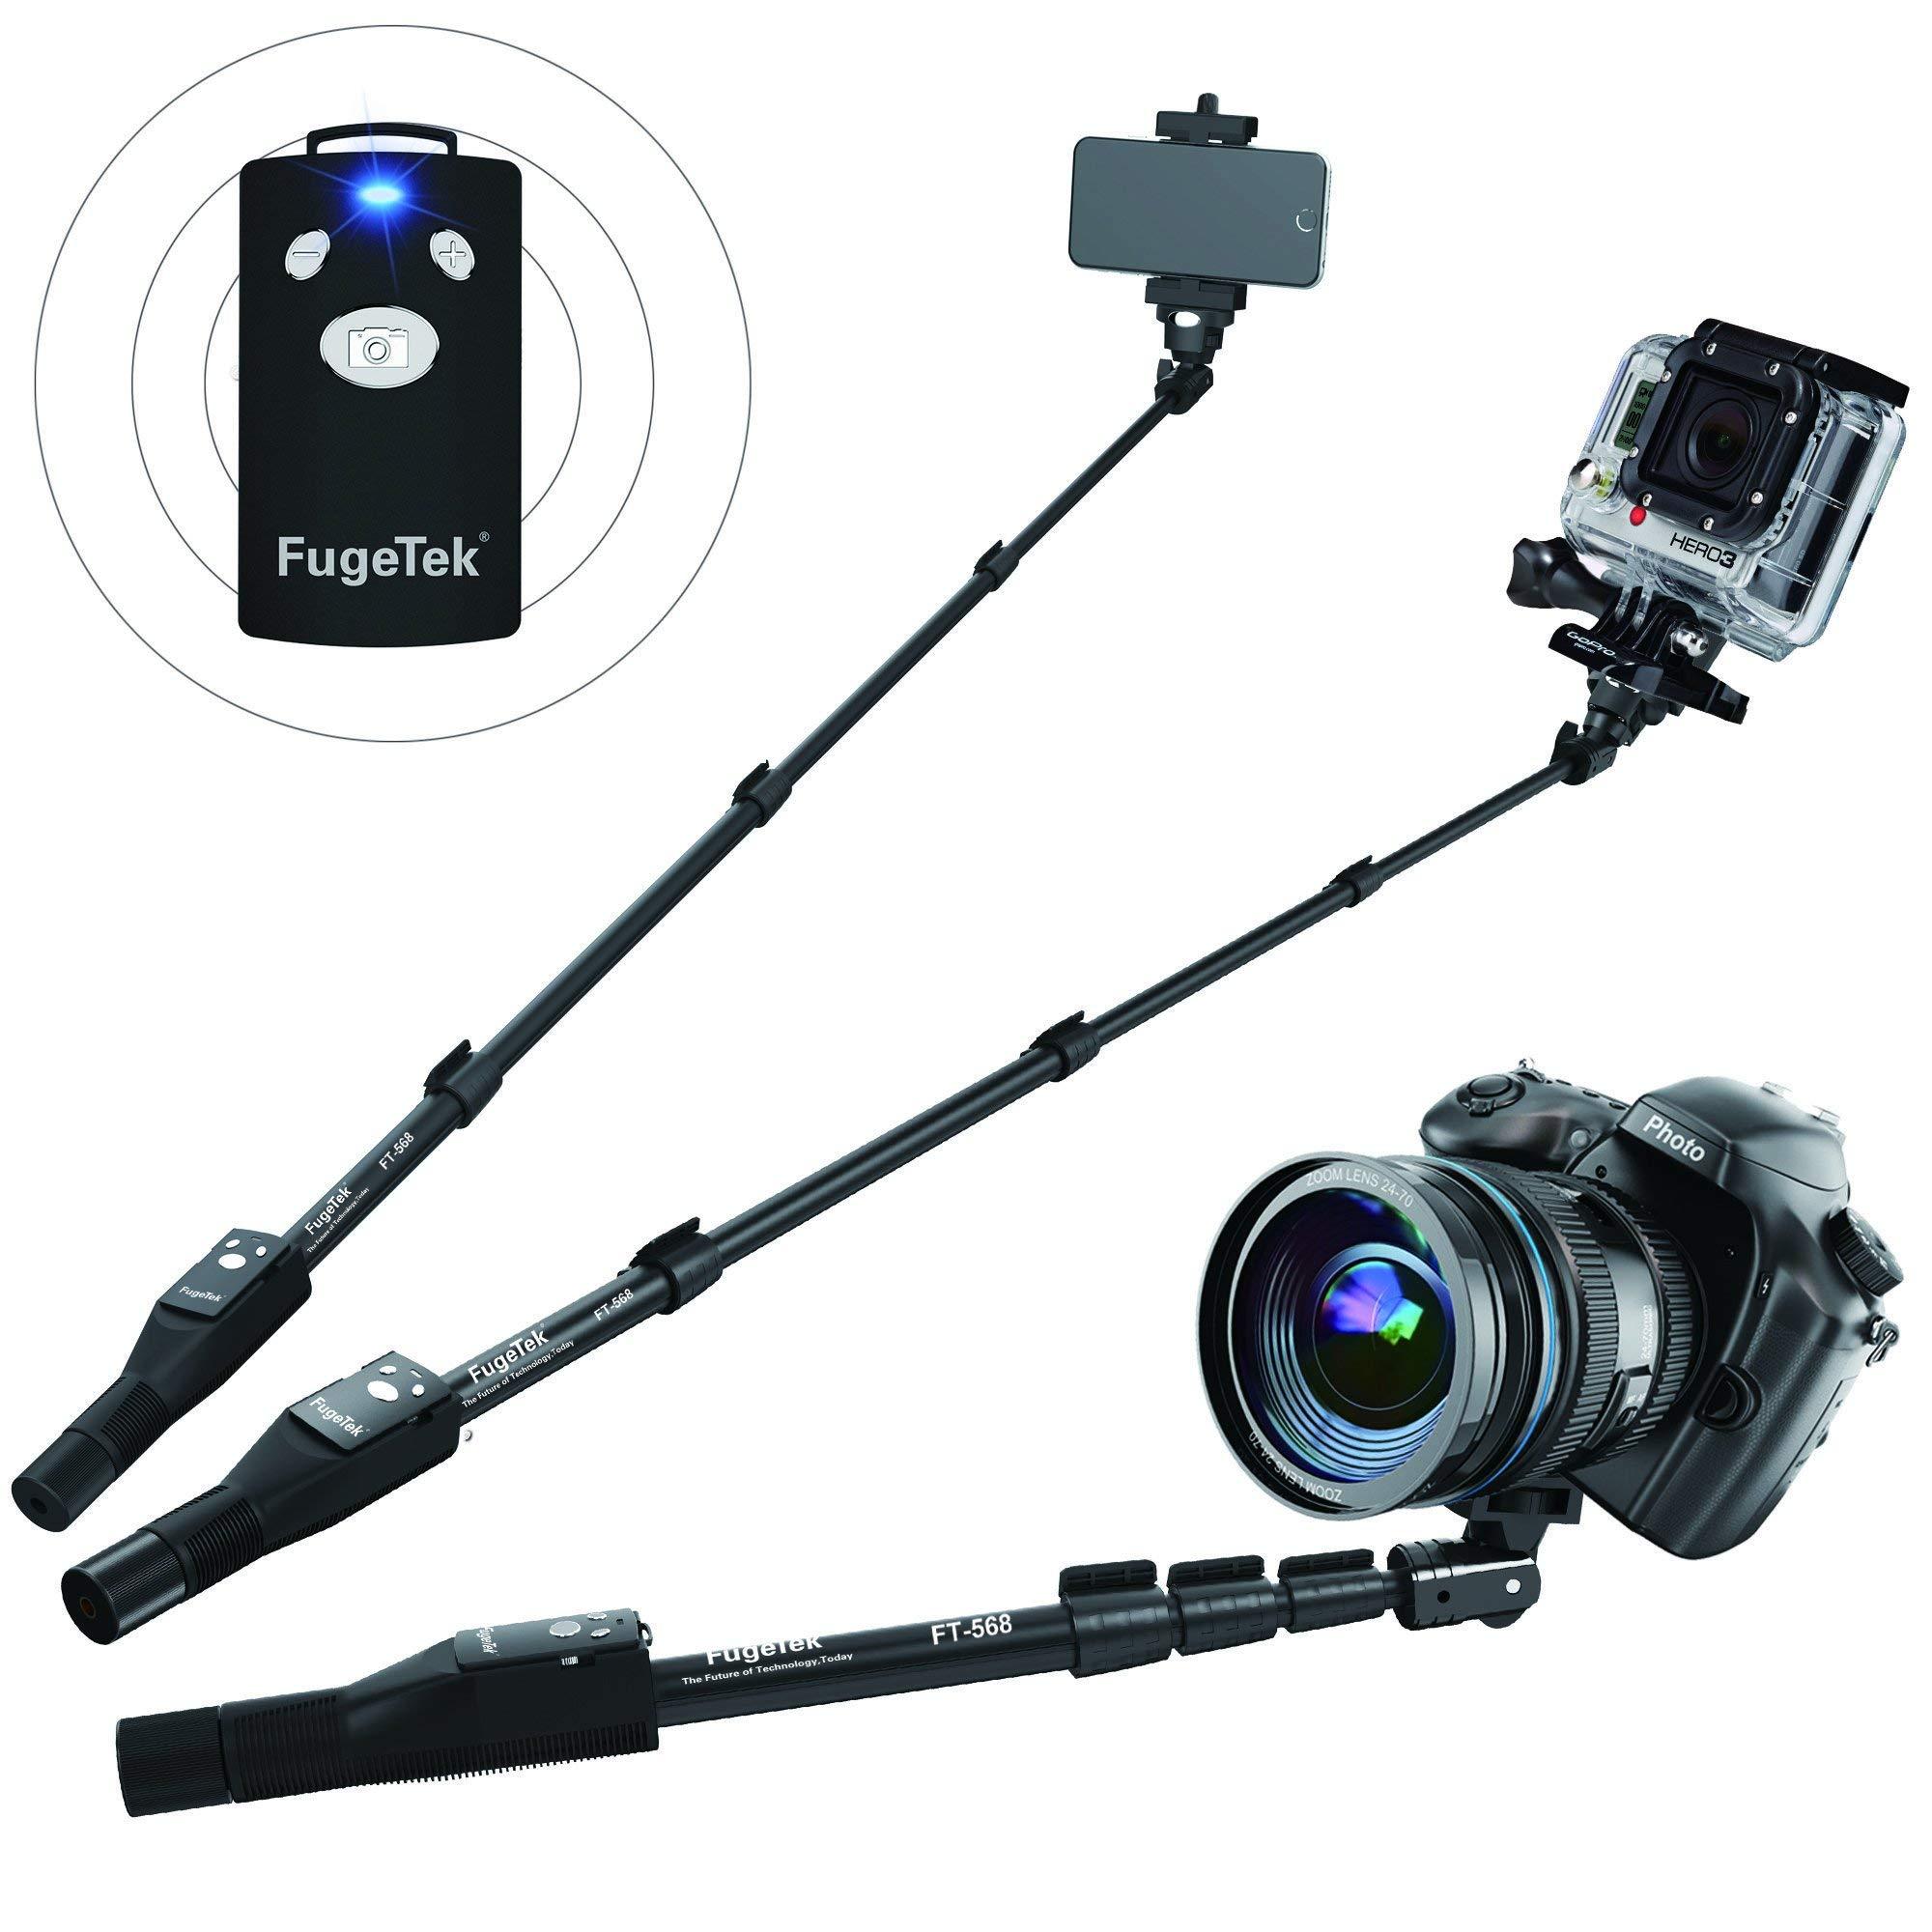 Fugetek FT-568 Professional High End Selfie Stick Monopod, For Apple, Android, Gopro, DLSR Cameras, Removable Wireless Bluetooth Remote (Black) (Certified Refurbished)